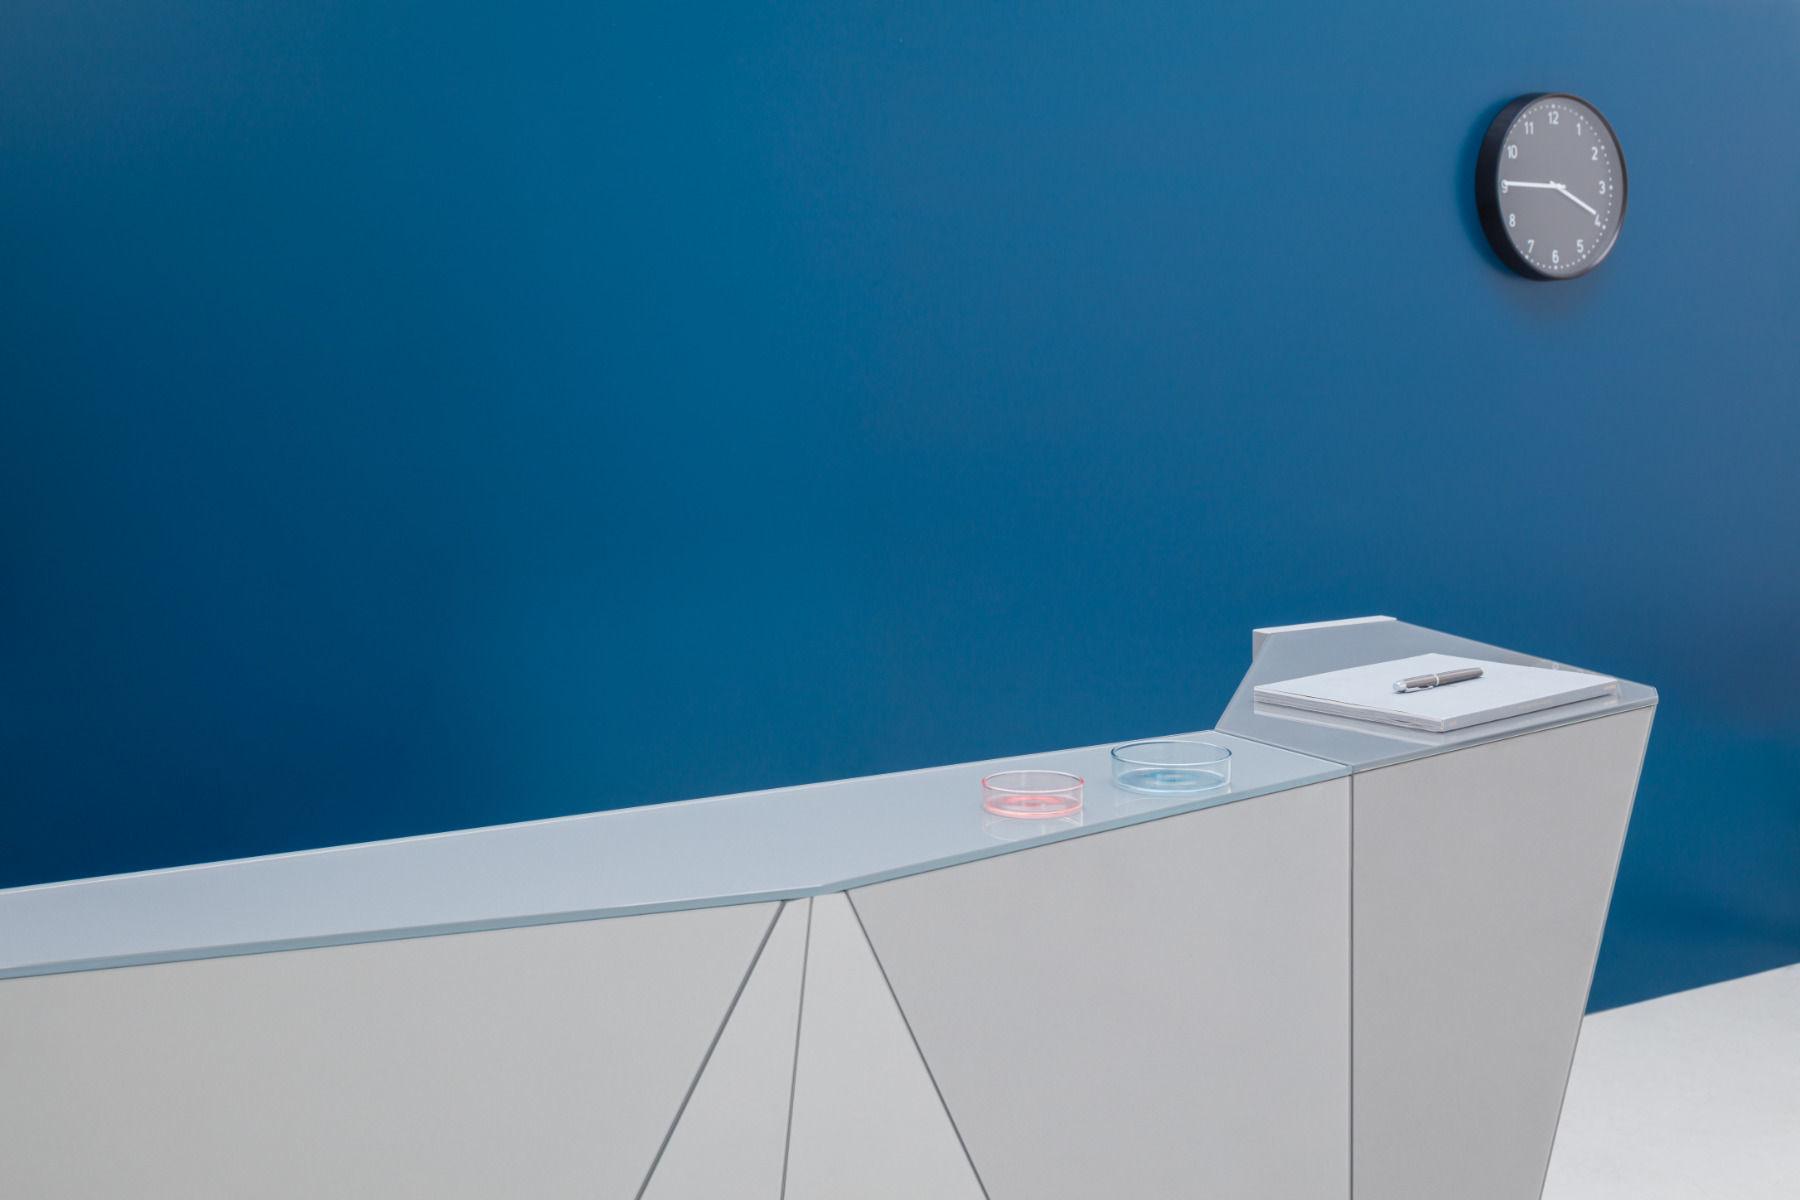 empfangstheken guenstig museum hochglanz grau details top